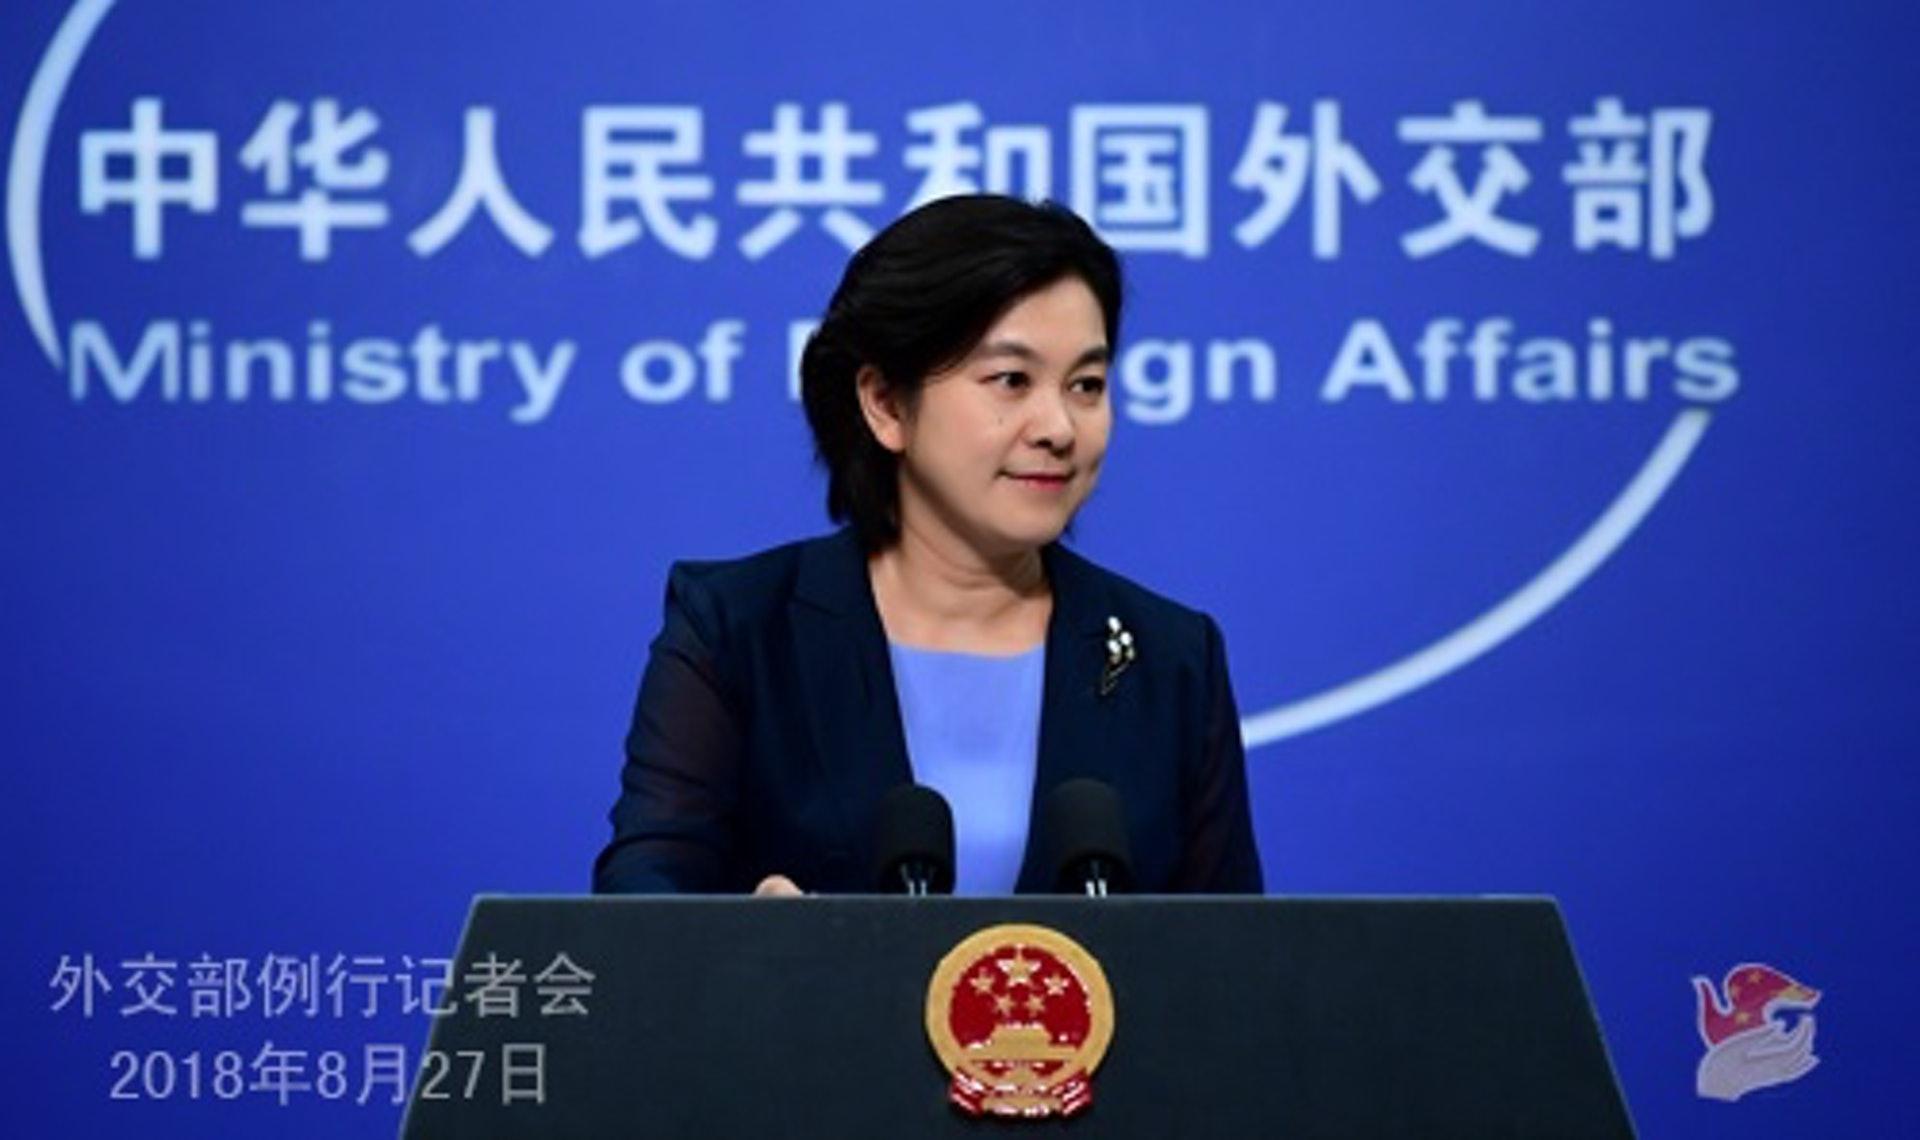 華春瑩表示,希望日方為中日兩國企業展開正常和互利共贏的合作提供公平、透明和公正的環境。(中國外交部)